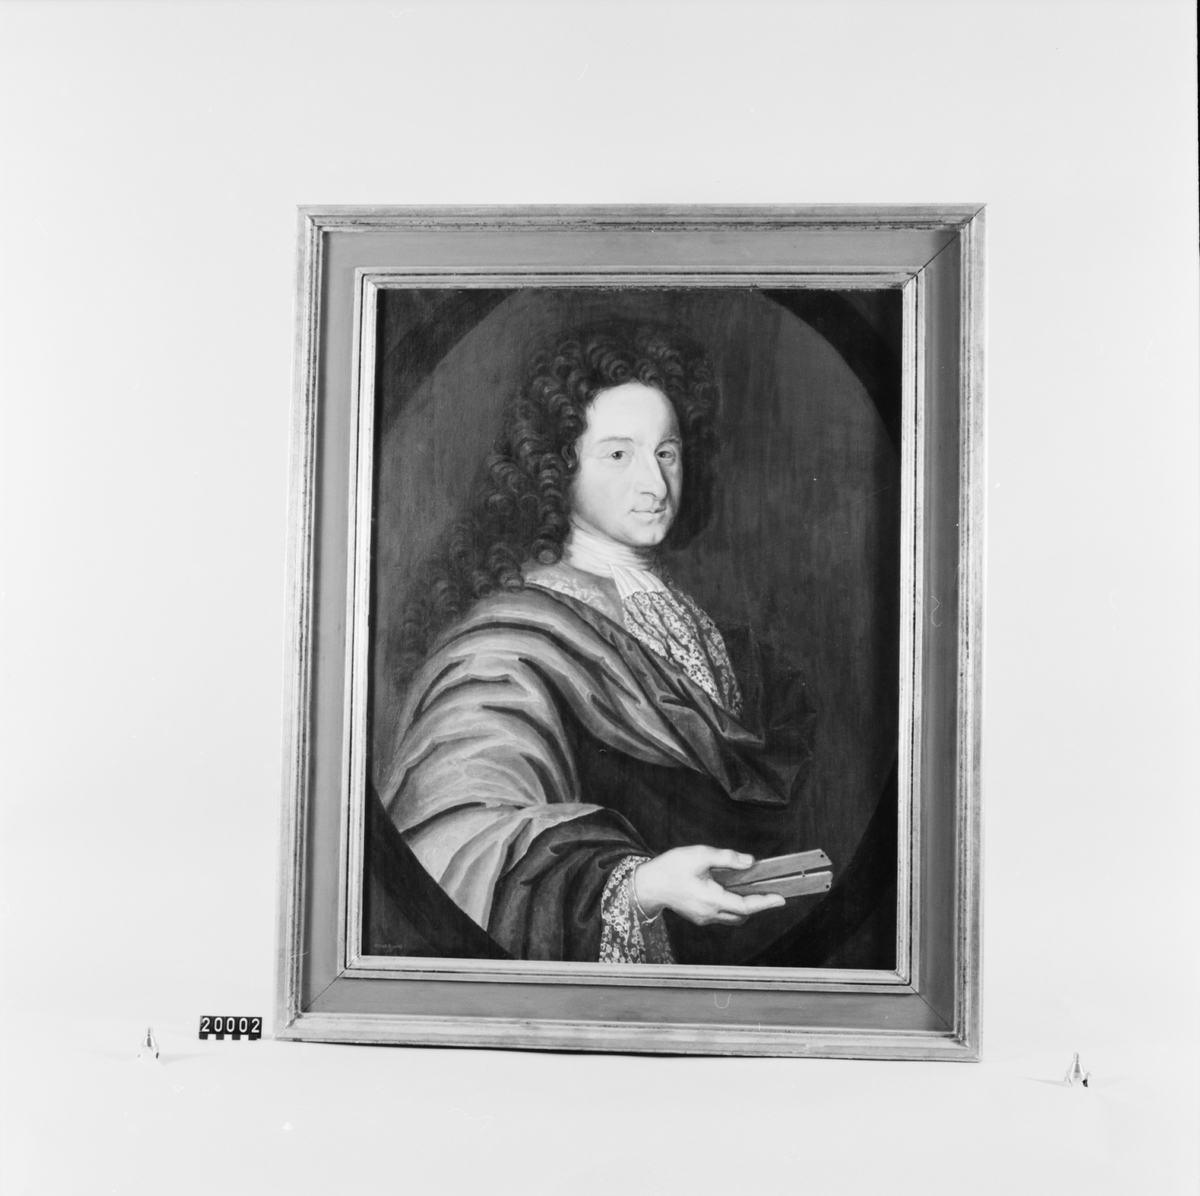 Porträtt i olja, kopia, över Christopher Polhem, f. 1661, d. 1751. Efter osignerat original från Stjernsund, troligen utfört 1703 och tillhört Kloster AB. Förutom detta osignerade porträtt finns ett av Polhems och hans maka Maria Hoffman samt av Reinhold Rückersköld, vilka samtliga tidigare hängt i stora herrgården på Stjernsund. På makarna Polhems porträtt finnes en etikett angivande den 1 juli 1703 såsom porträttets tillkomsttid.